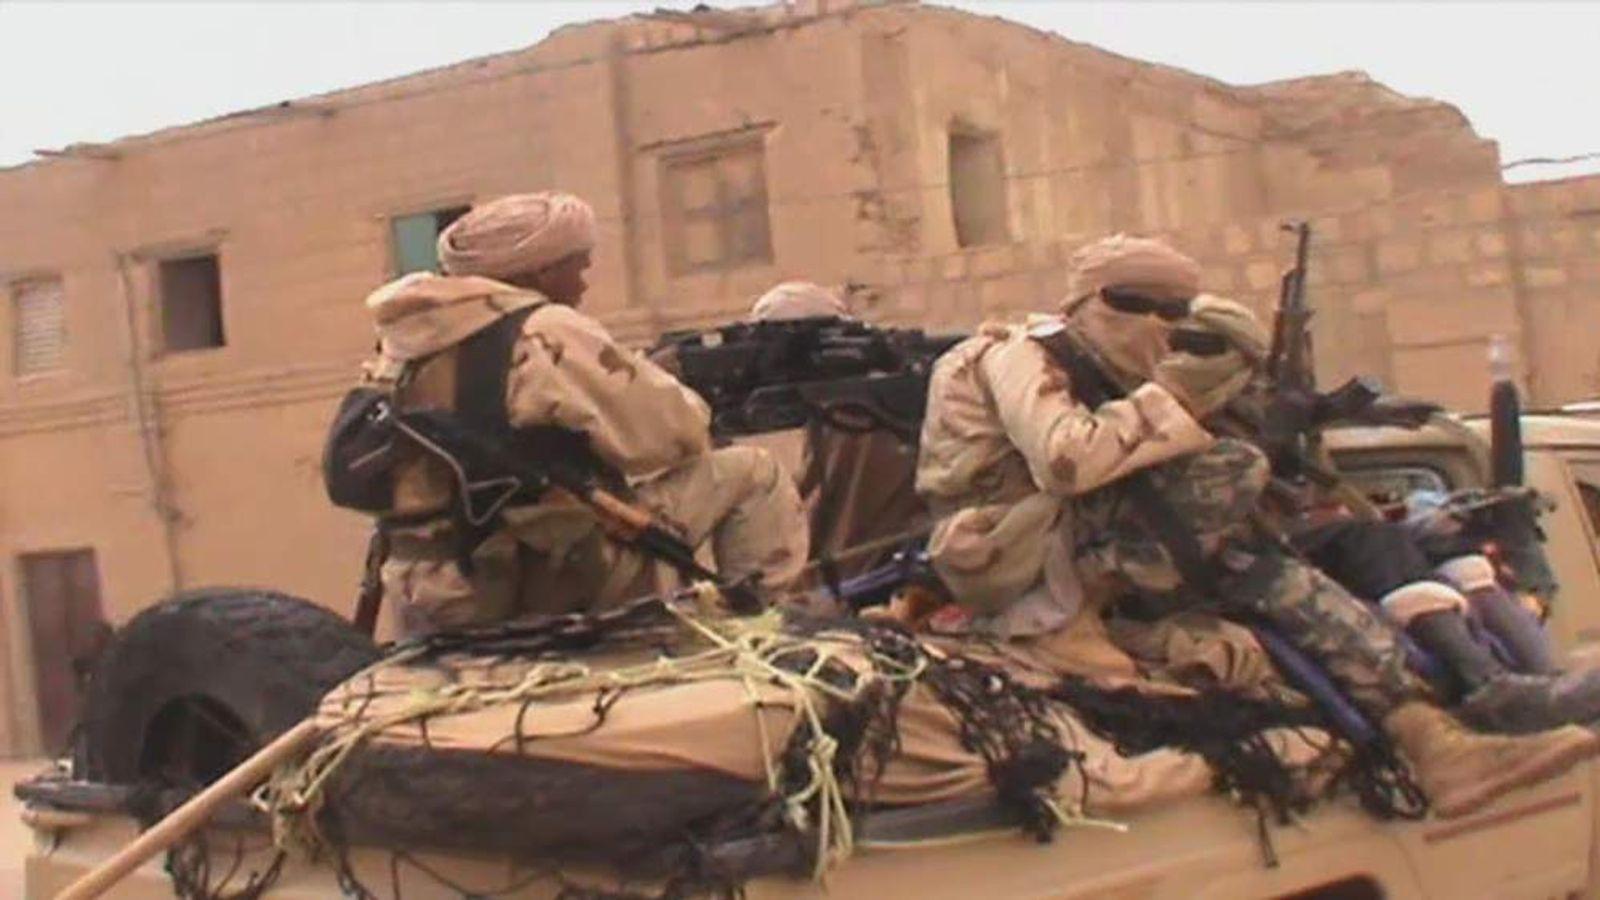 Timbuktu militants on truck